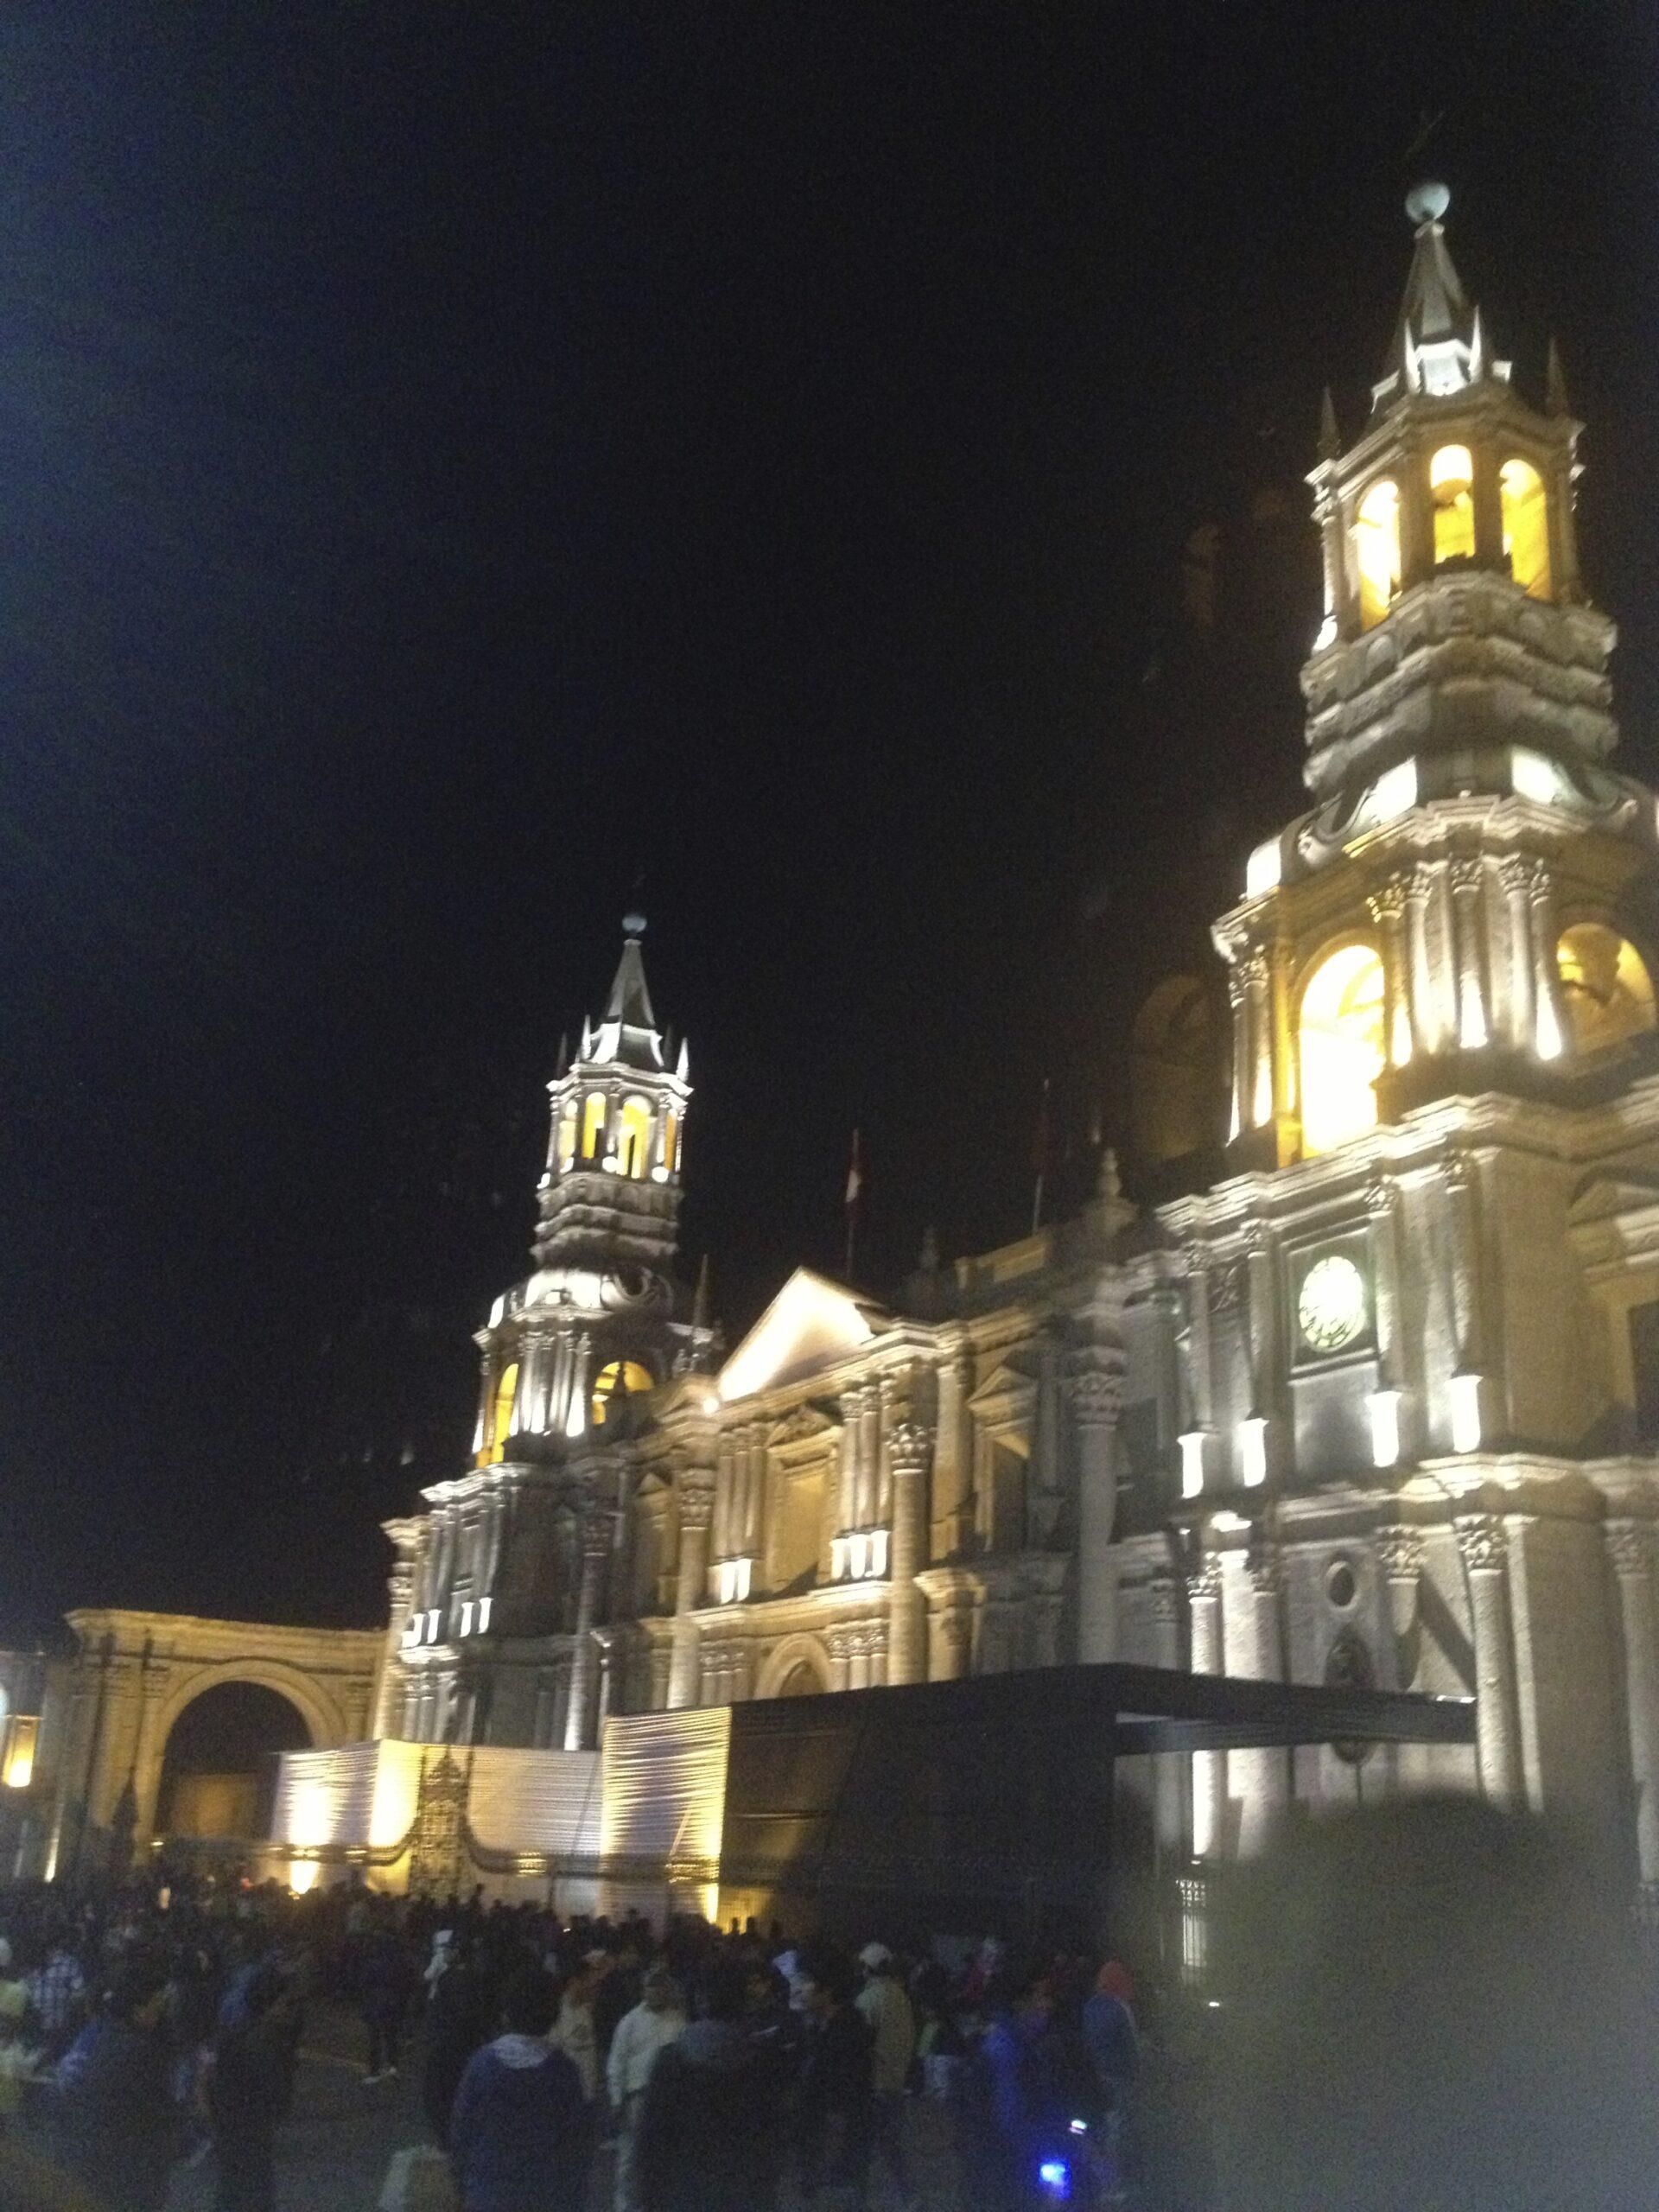 Eating Cuy In Peru